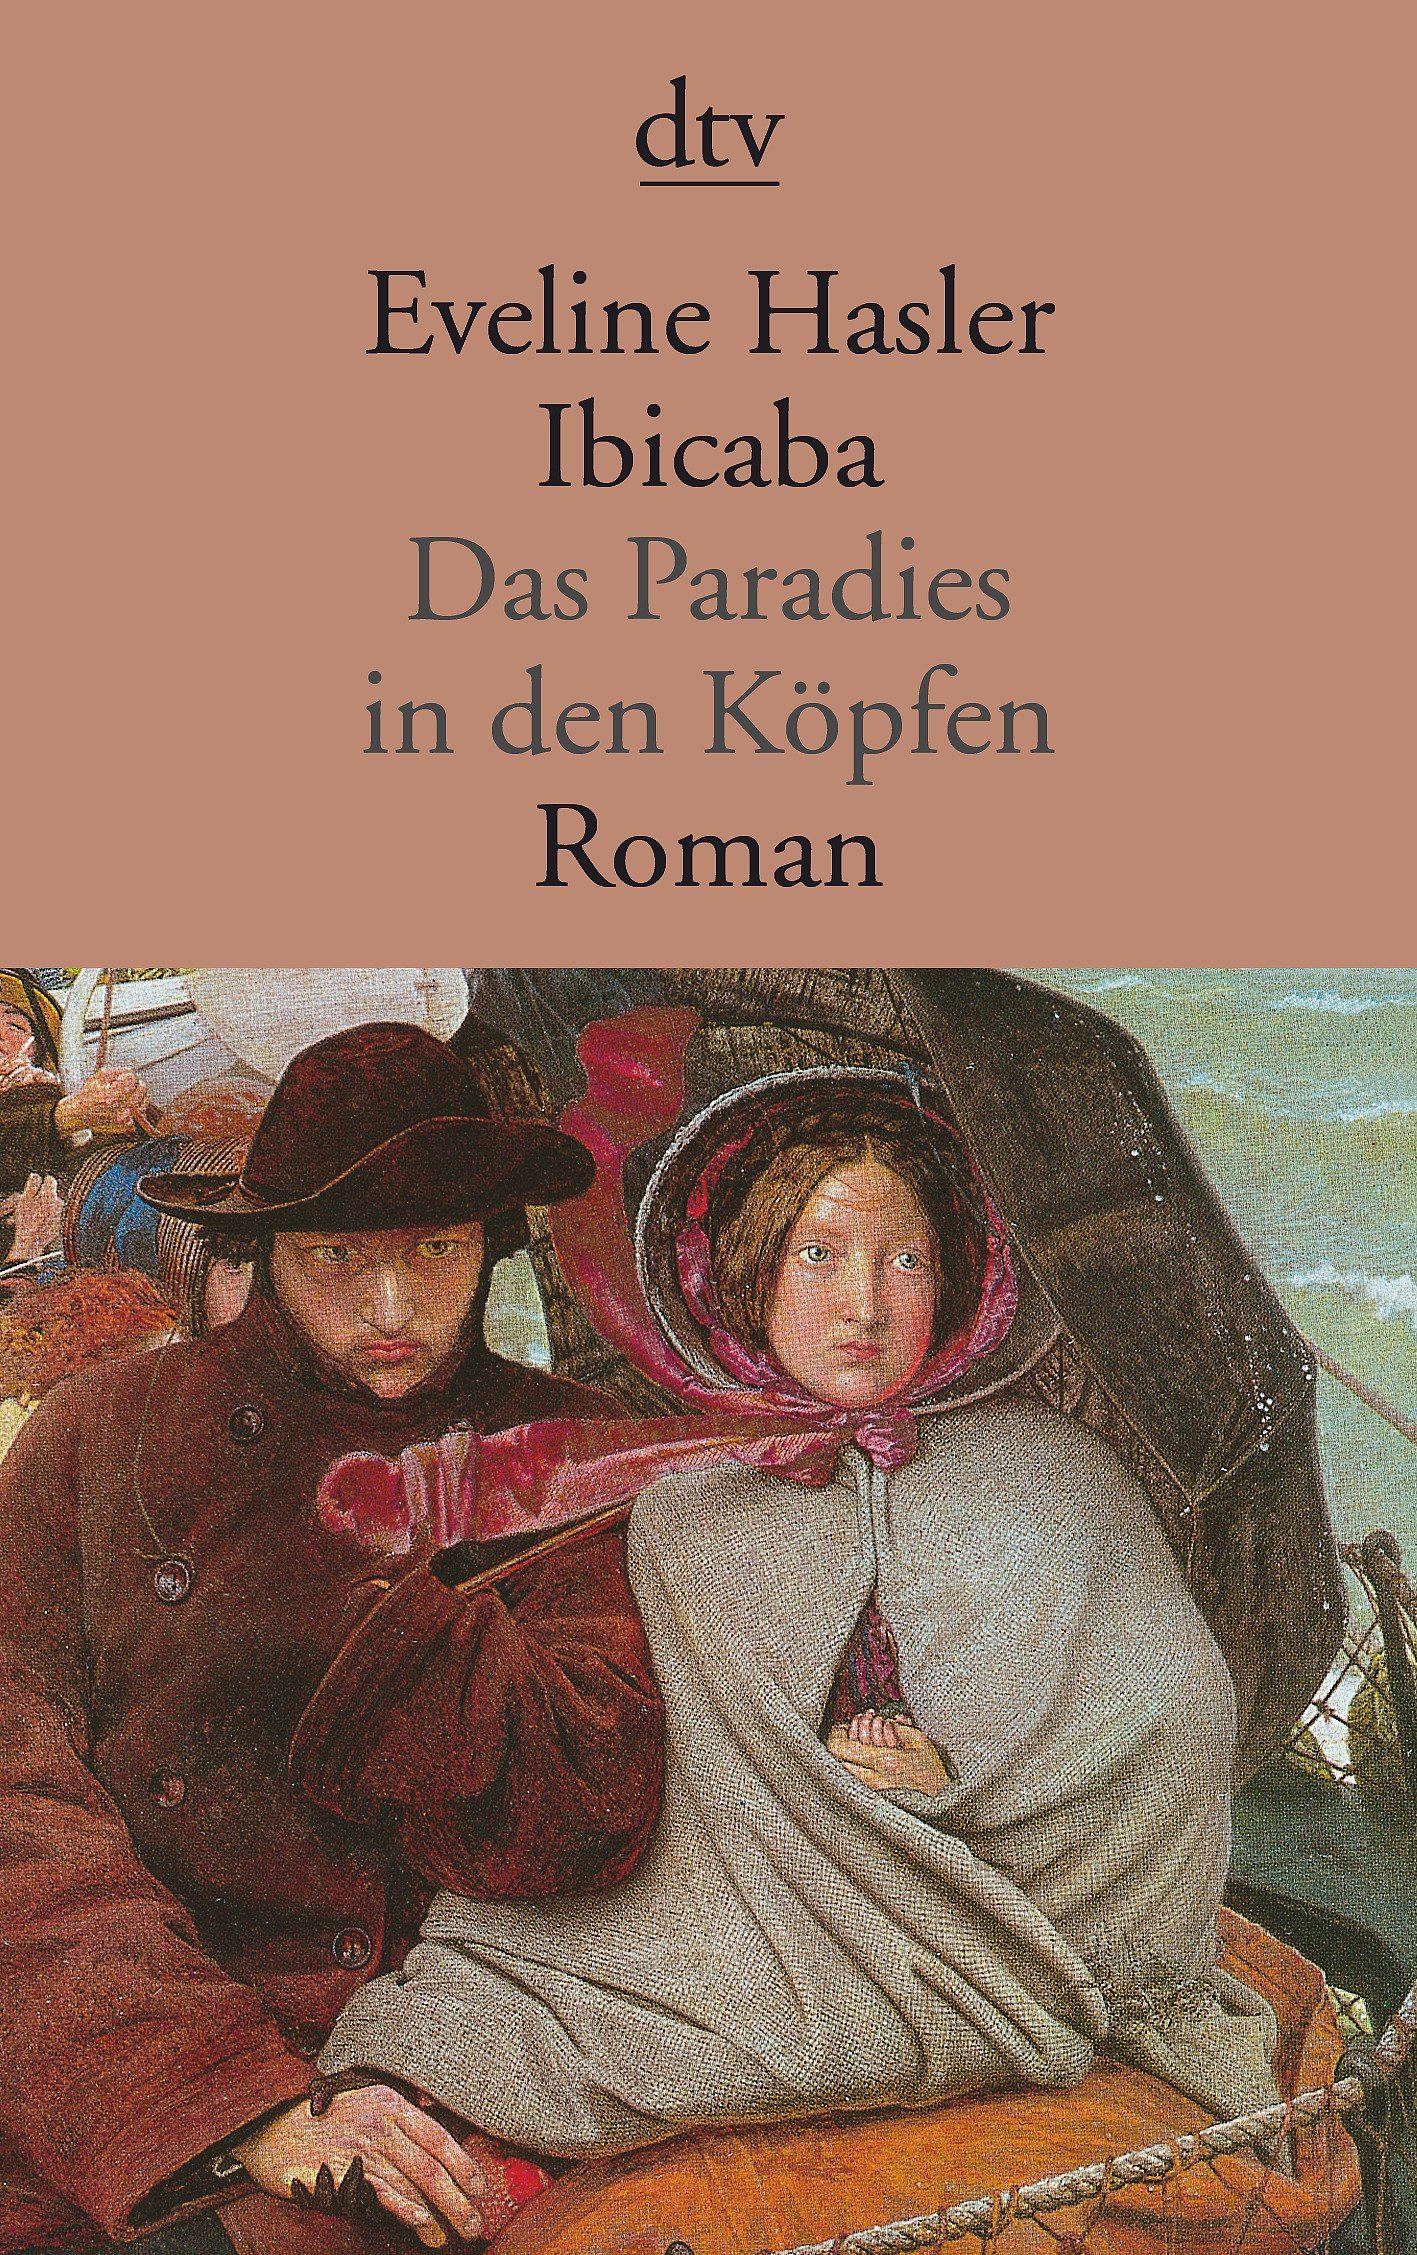 Ibicaba: Das Paradies in den Köpfen Roman